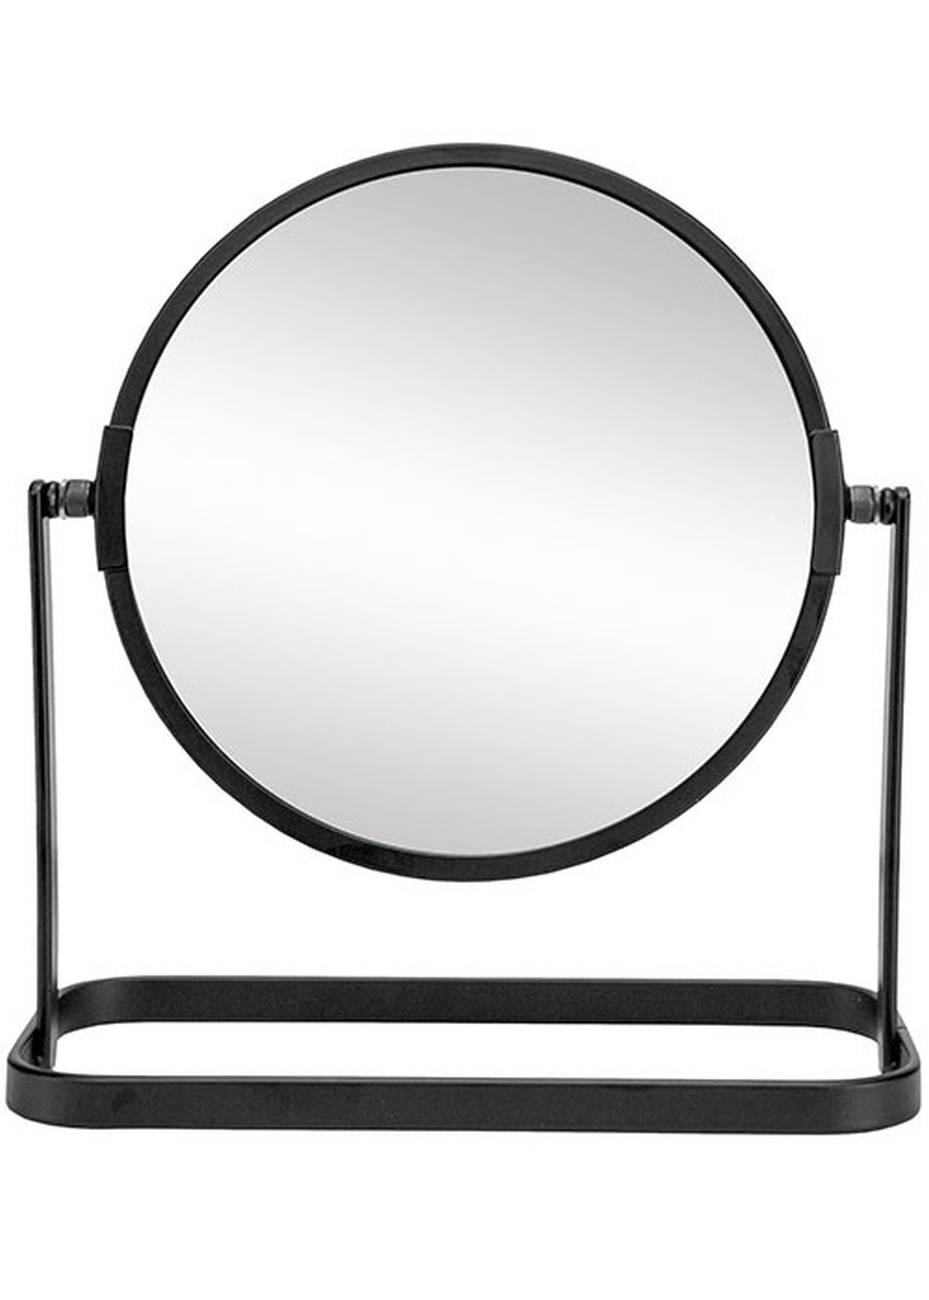 Kosmetikspiegel Framework Mirror Metall/Glas Schwarz Spiegel